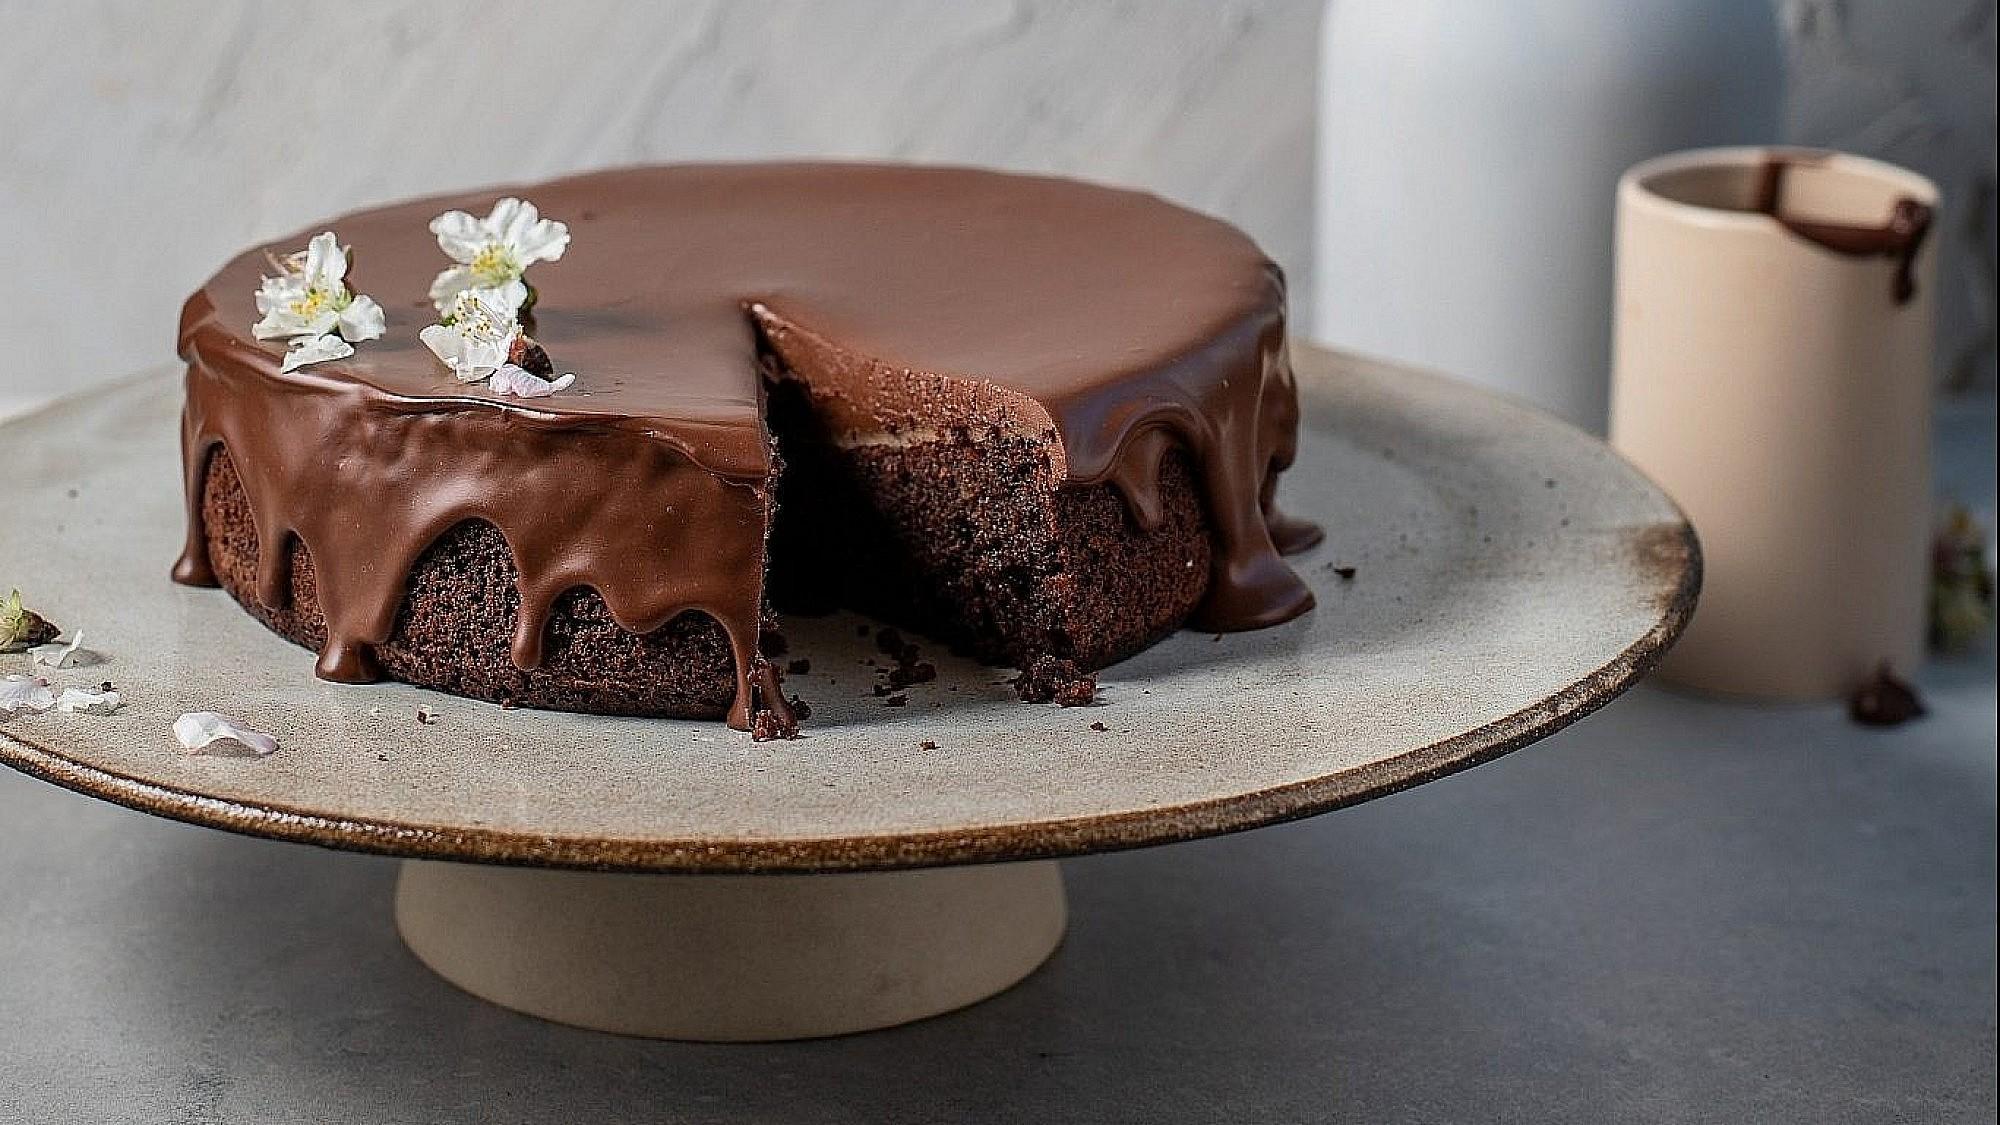 עוגת שוקולד, שקדים, שמן זית ומרציפן של רינת צדוק. צילום: שני בריל